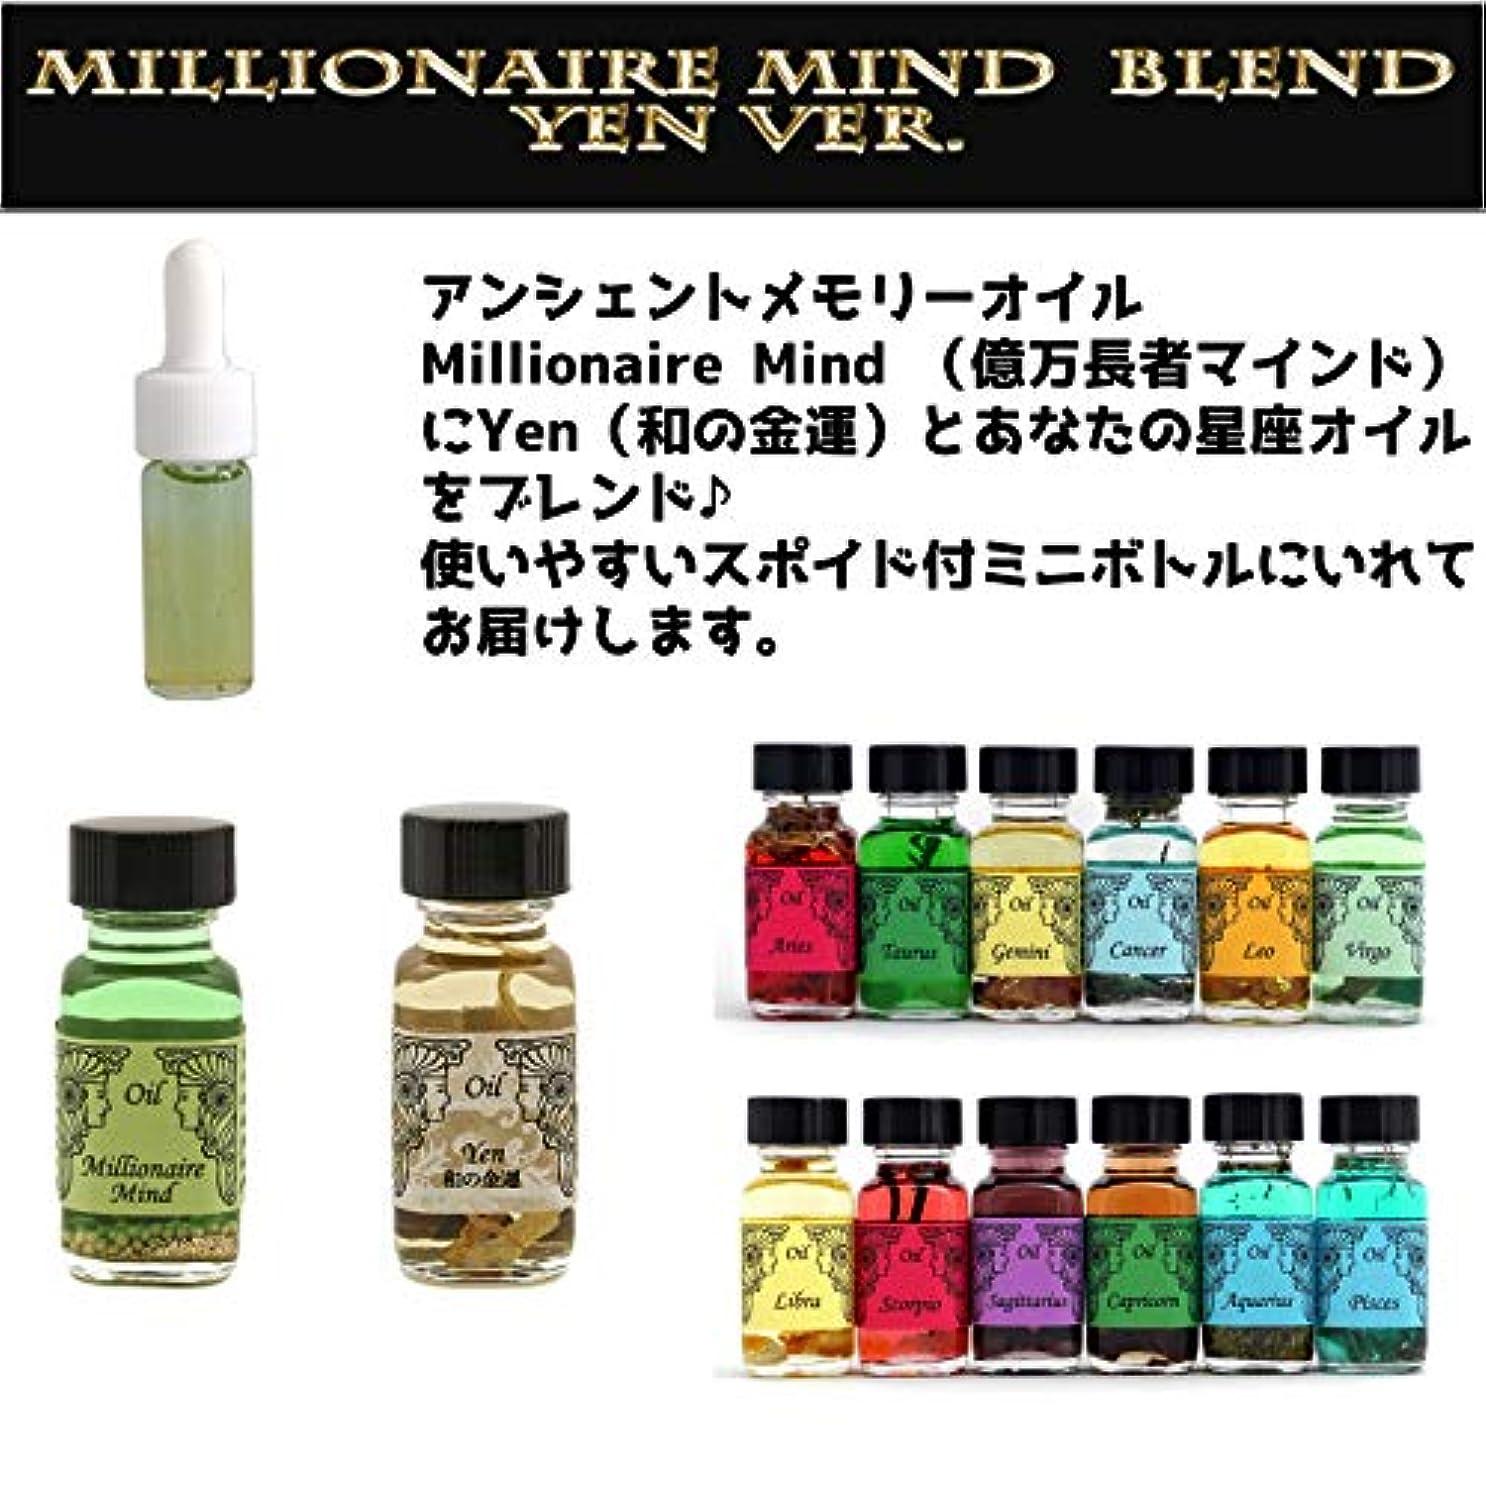 昇進氏振り返るアンシェントメモリーオイル Millionaire Mind 億万長者マインド ブレンド【Yen 和の金運&いて座】